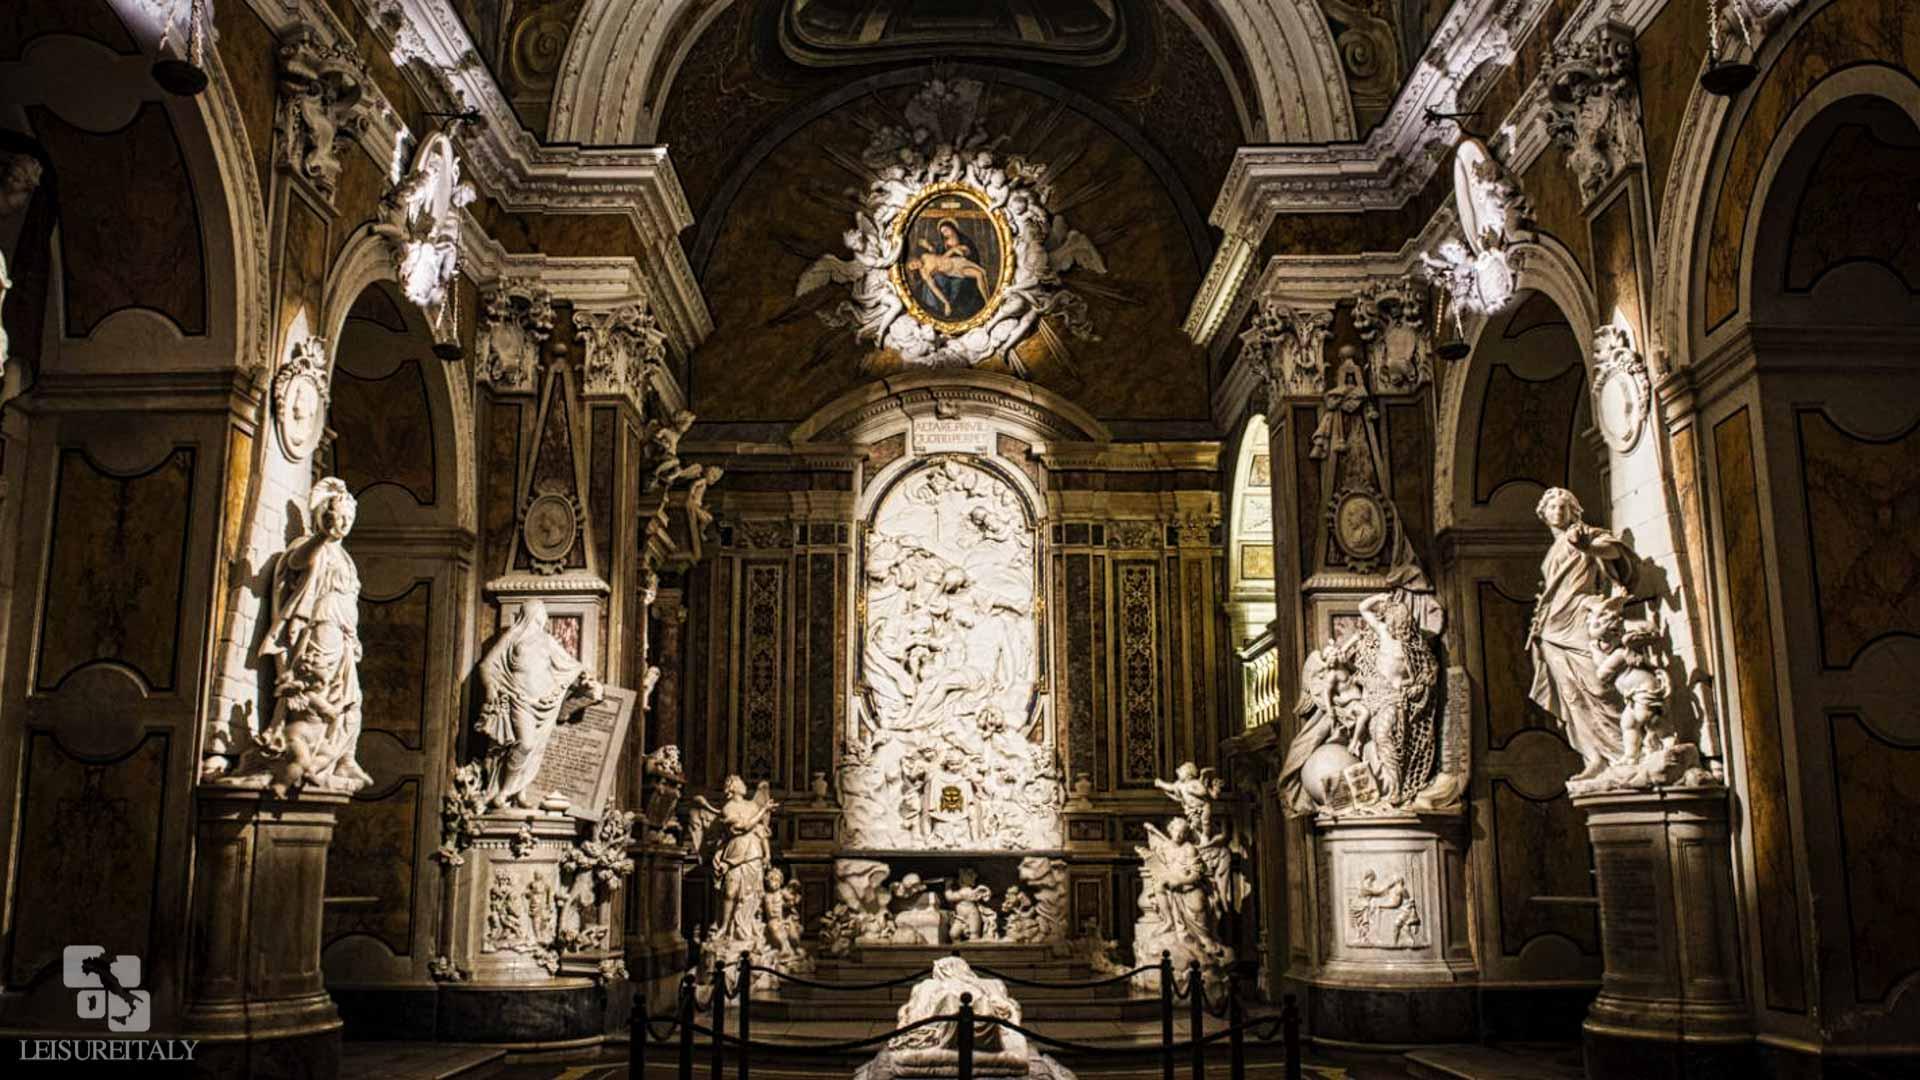 Naples Historic City Centre - Cappella San Severo